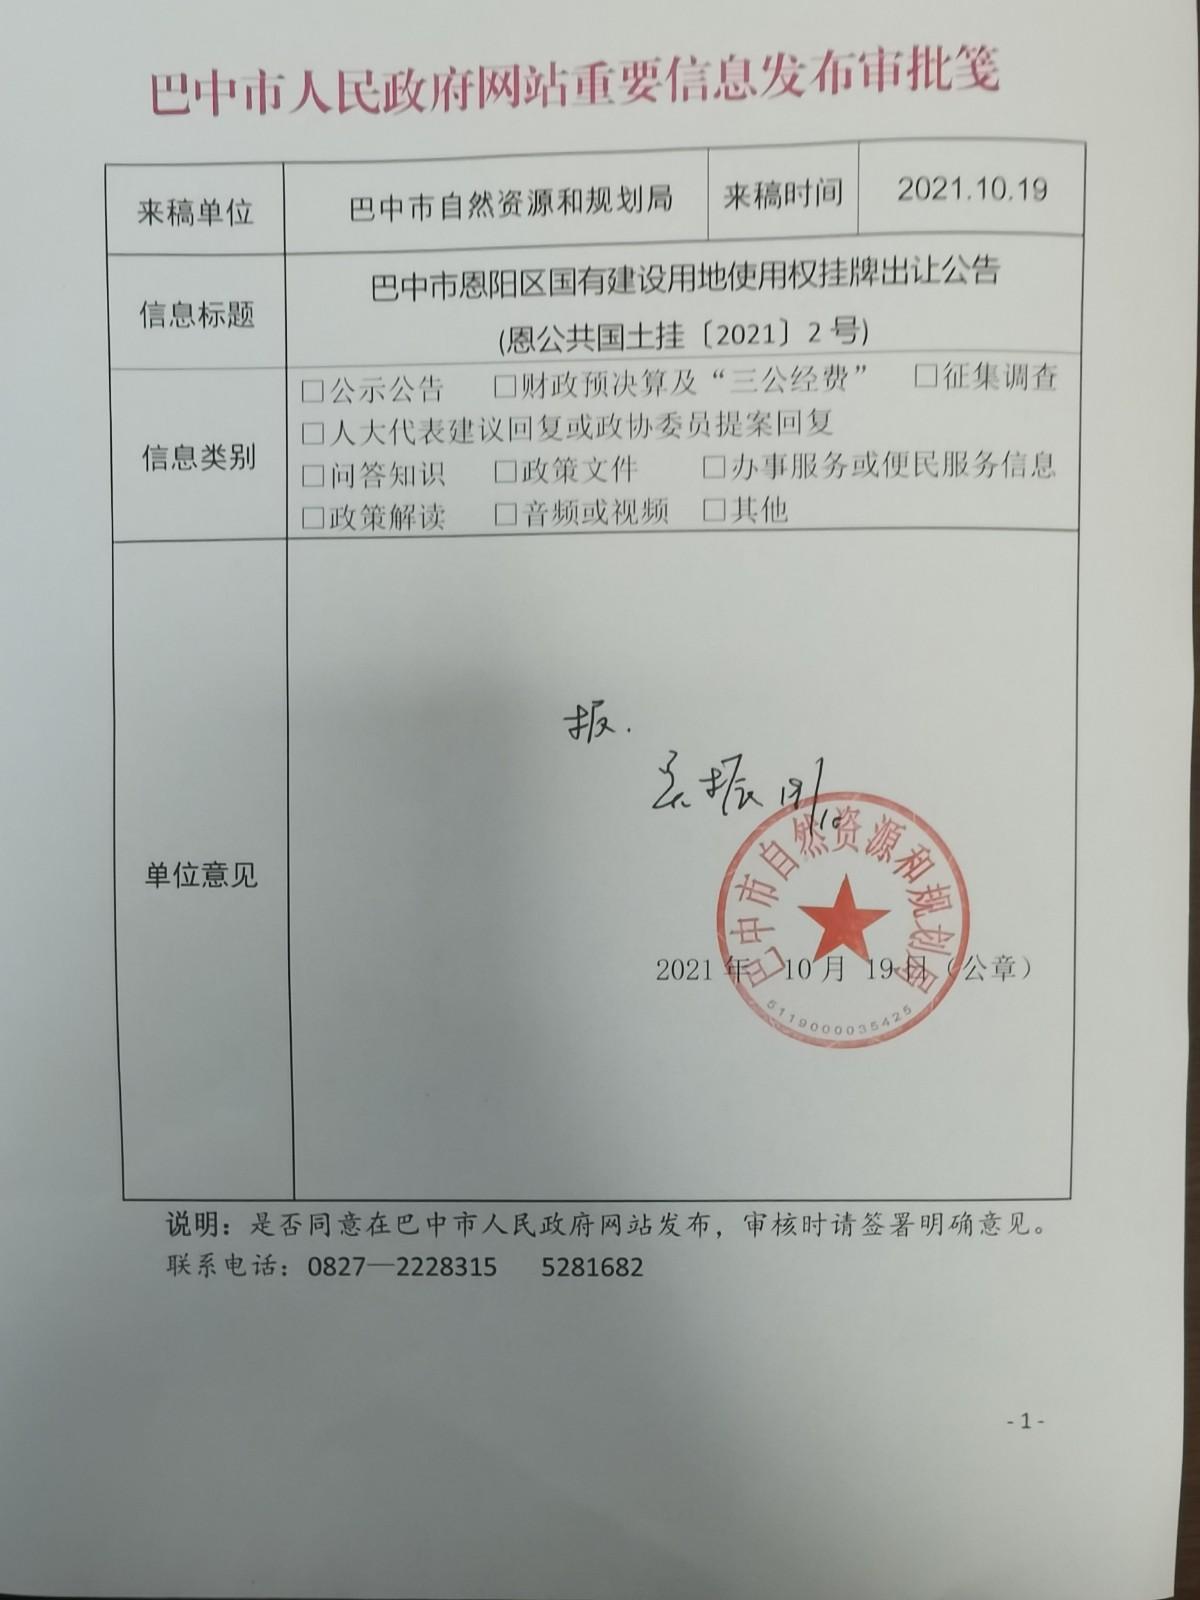 巴中市恩阳区国有建设用地使用权挂牌出让公告(恩公共国土挂〔2021〕2号)